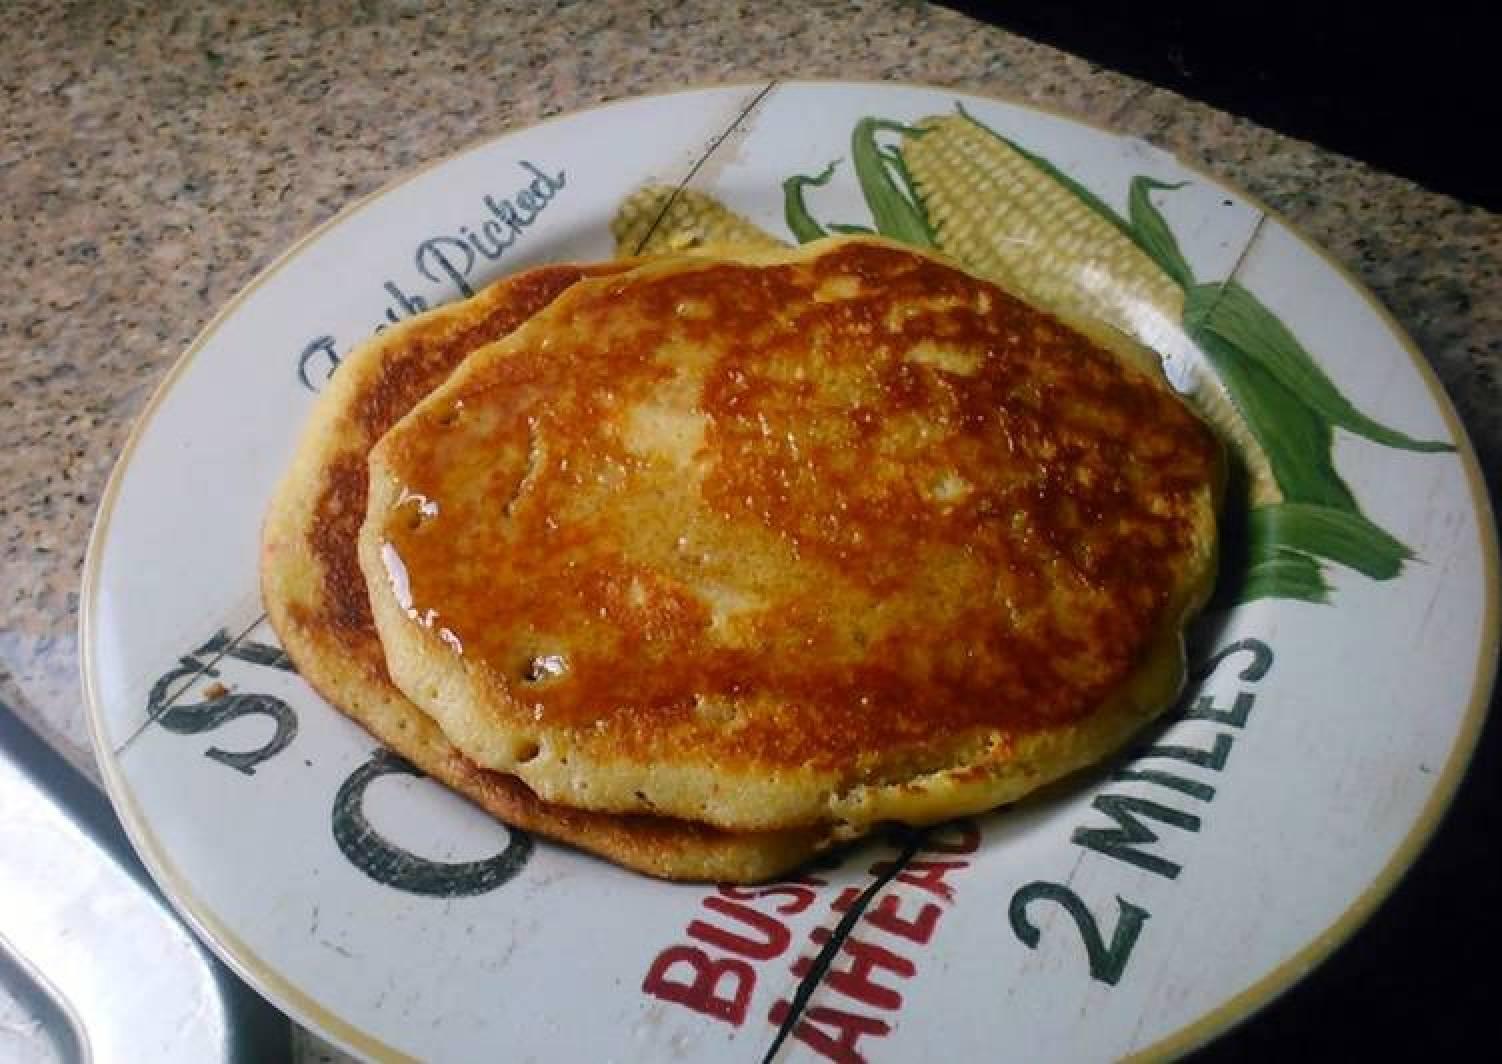 Cap'n Crunch Corn Pancakes